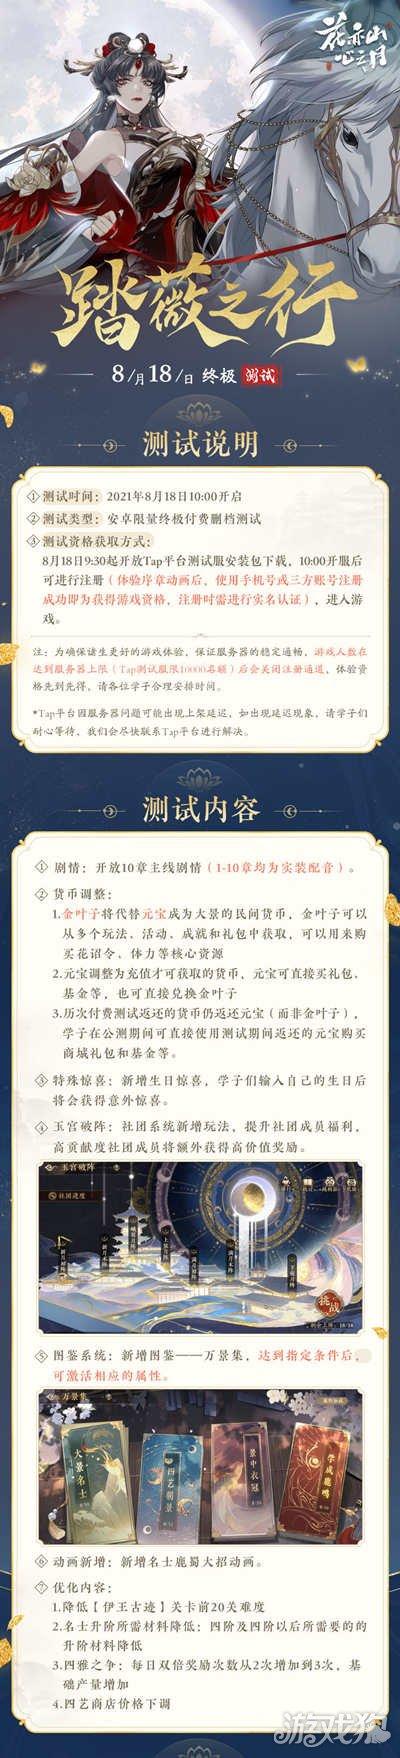 """《花亦山心之月》""""踏薇之行""""测试将于8月18日正式开启"""